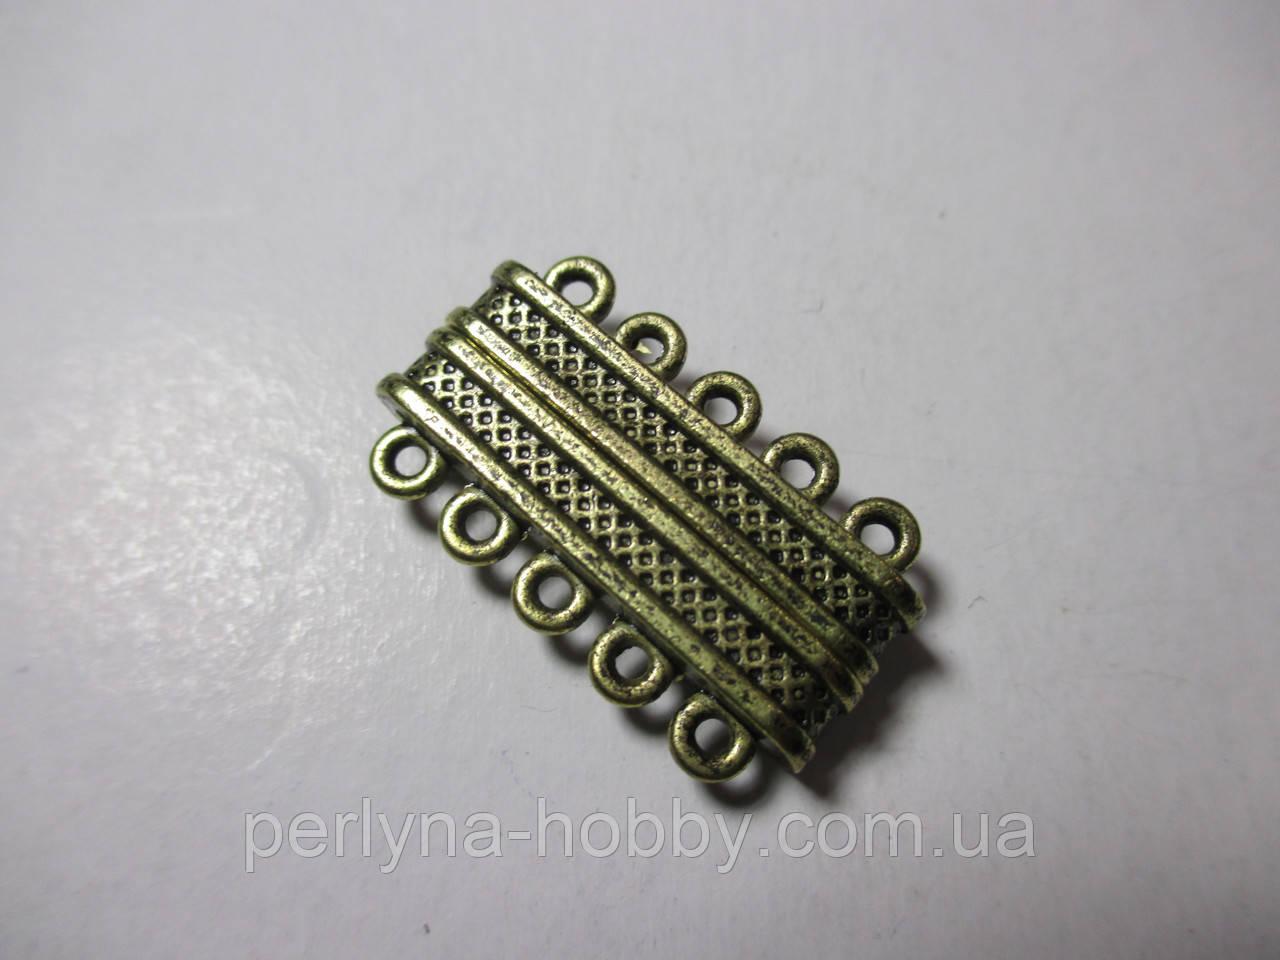 Застібка магніт 5 ниток,  литий метал, бронза